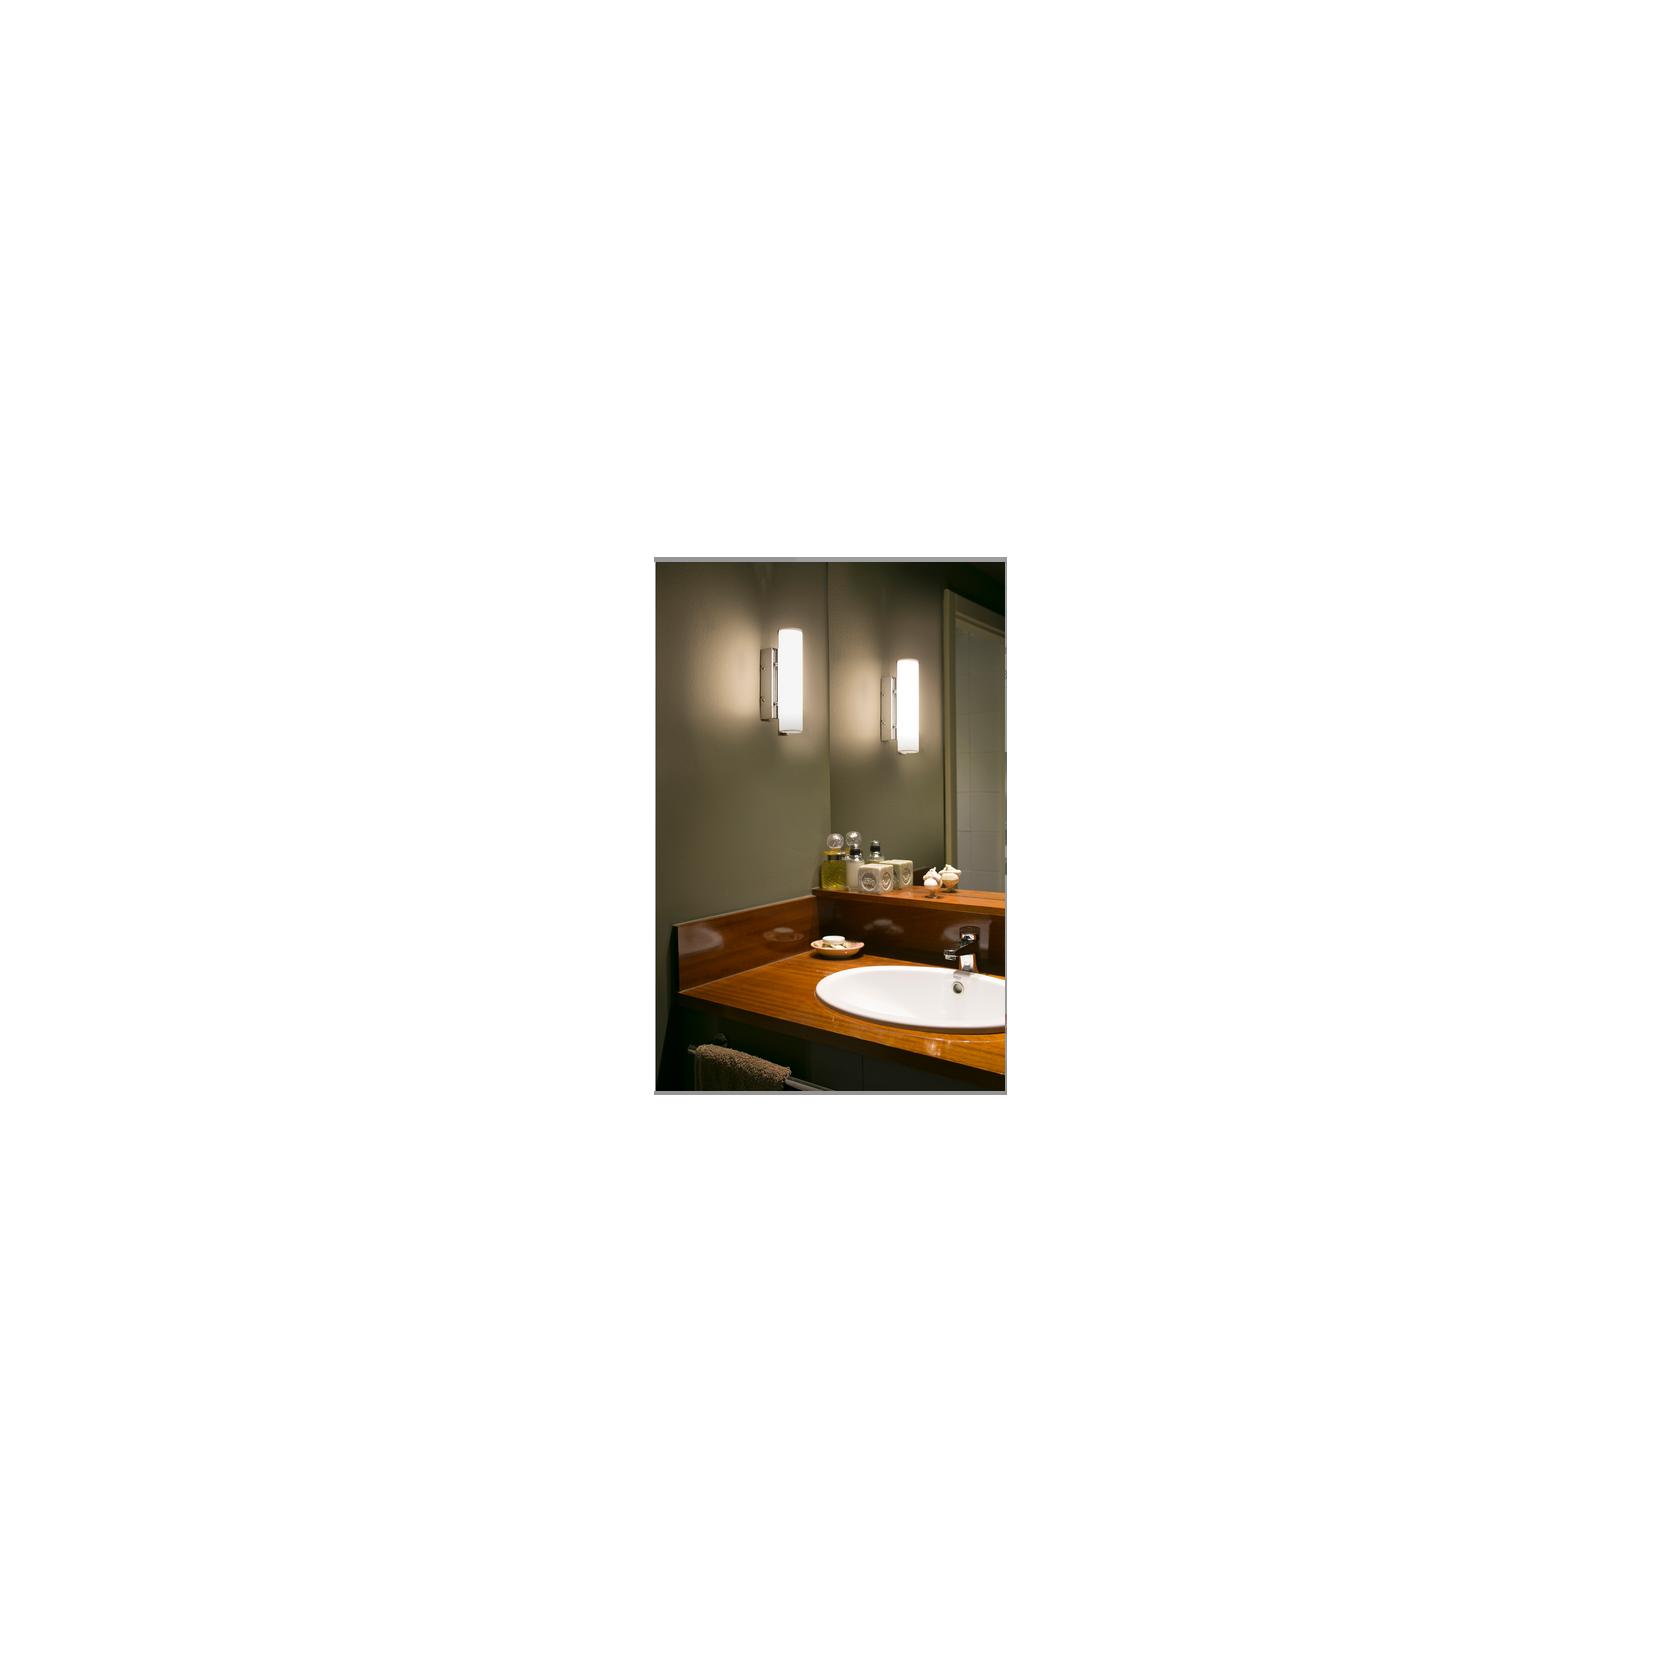 Lampada da parete applique per bagno luce a led cromo vaccarielettrocasa s n c di vaccari - Lampade da bagno a parete ...